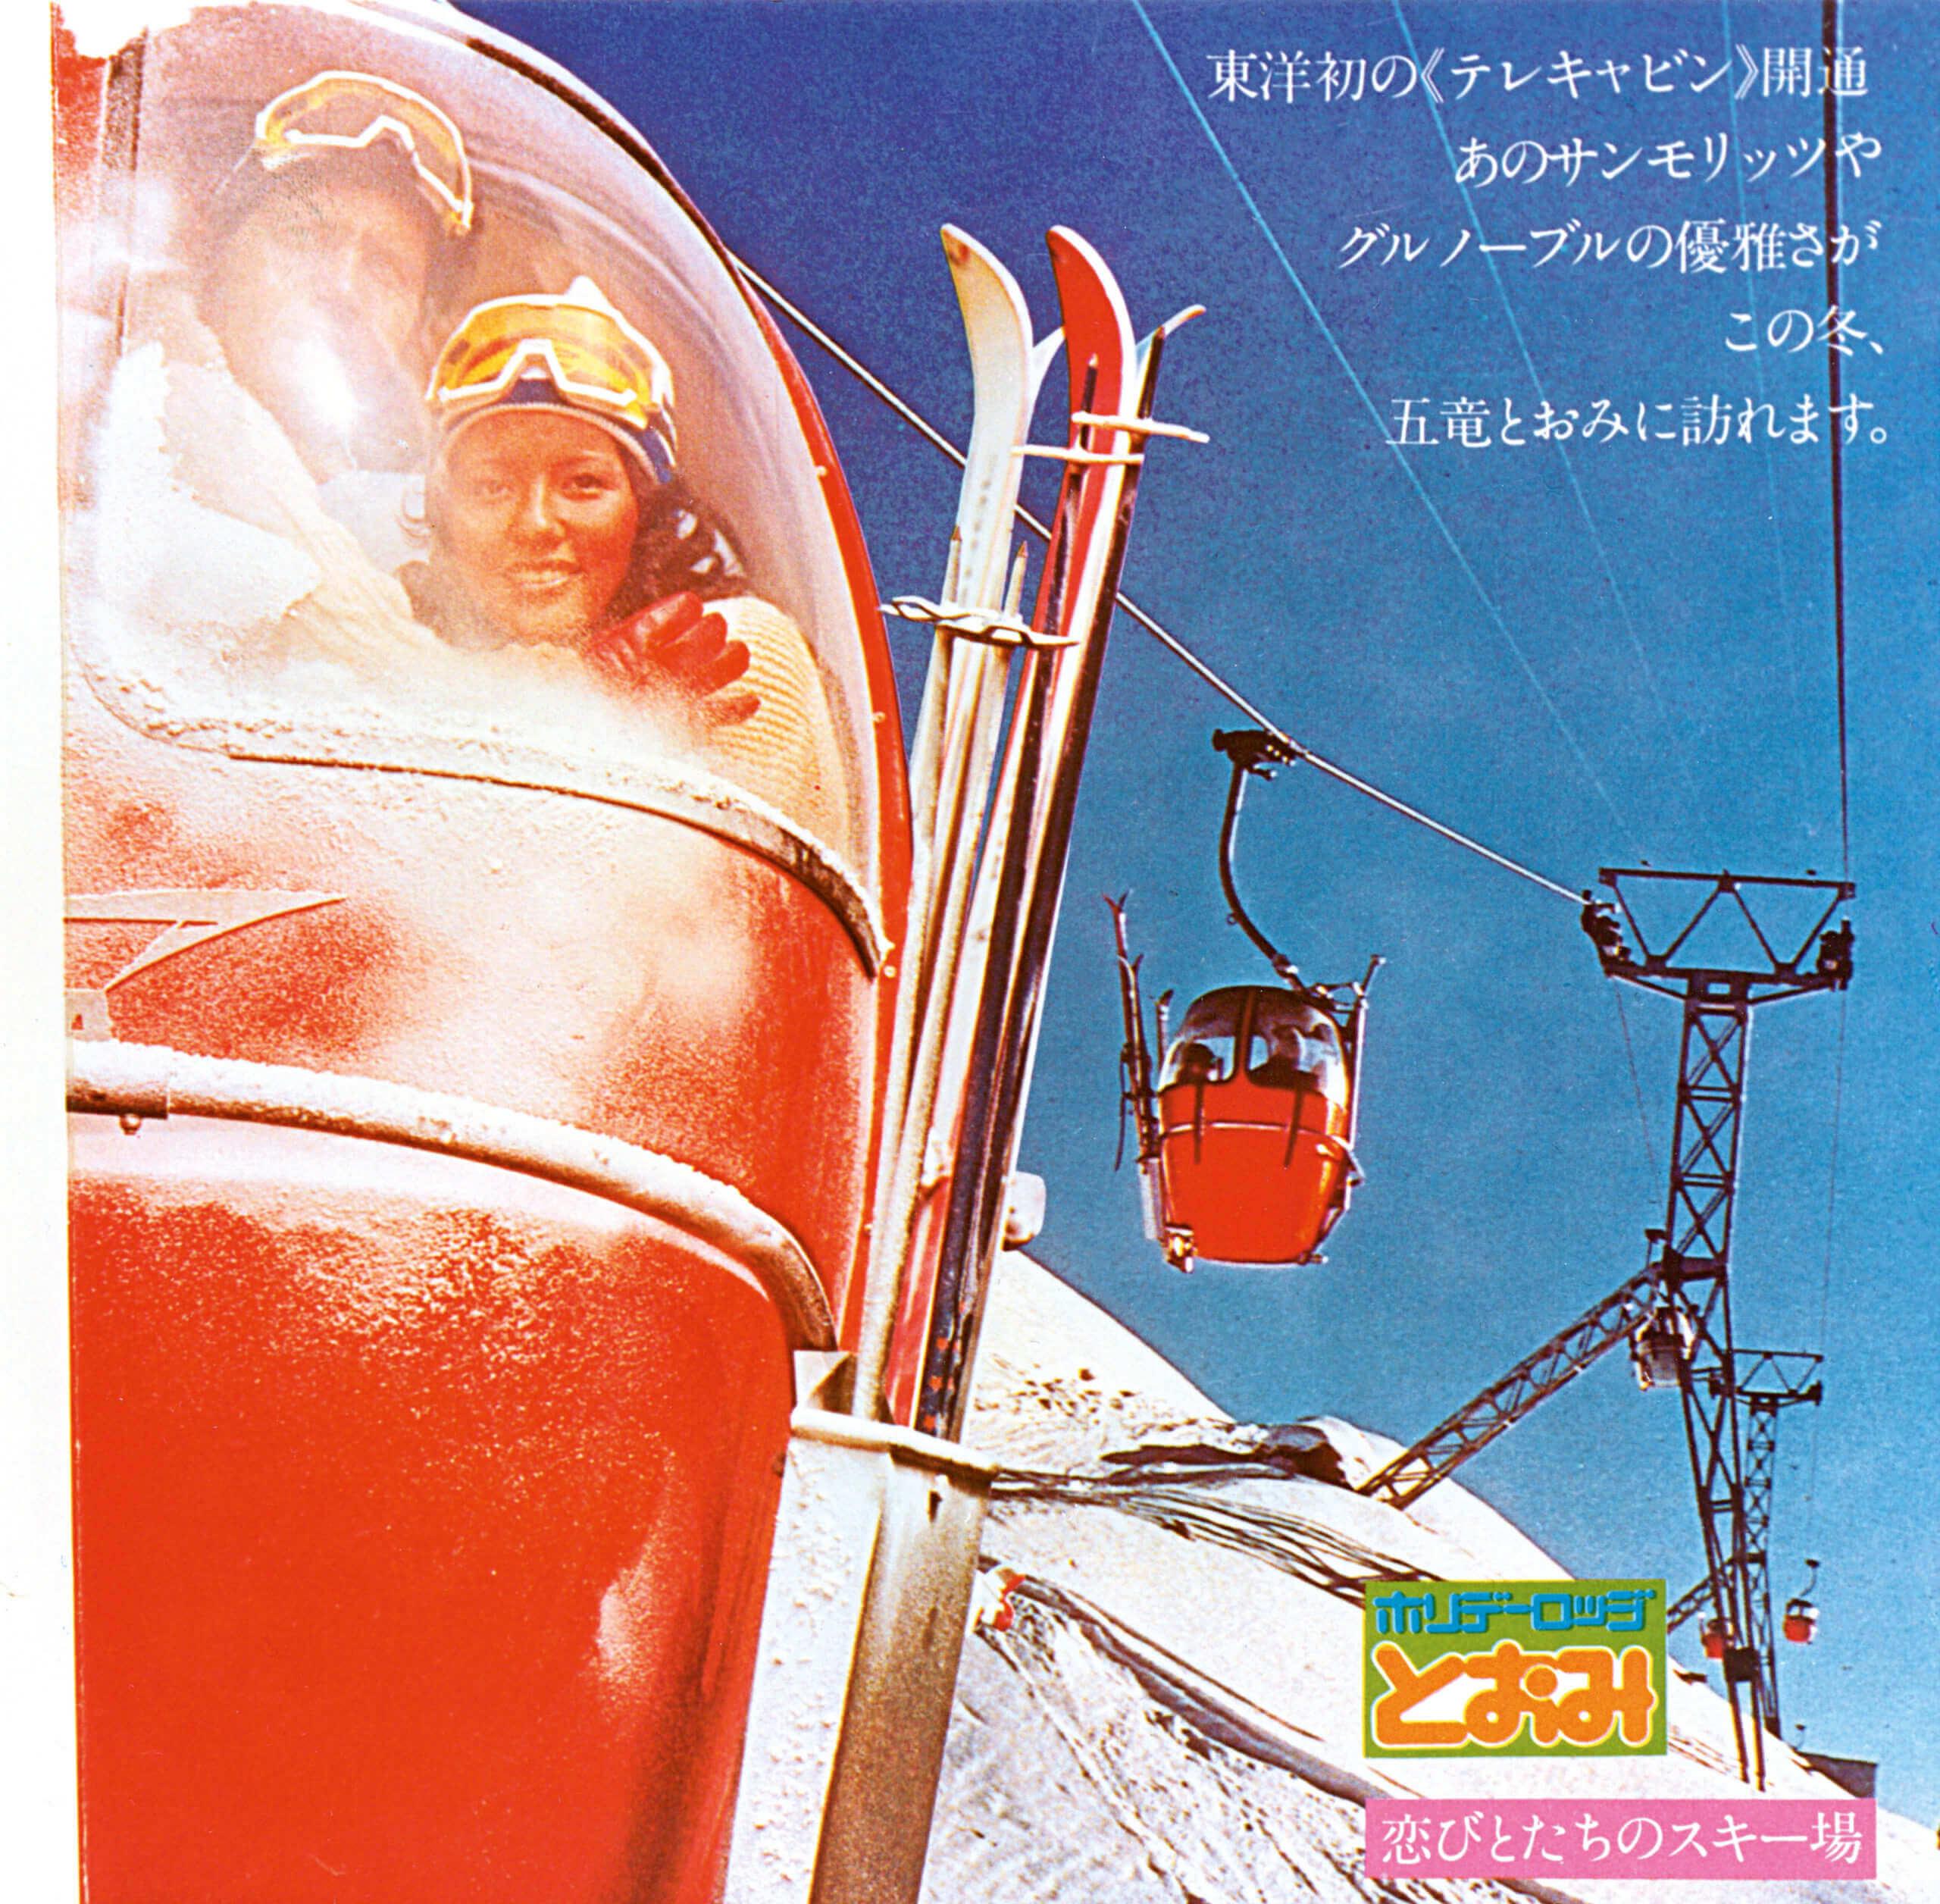 POMA s'exporte au Japon